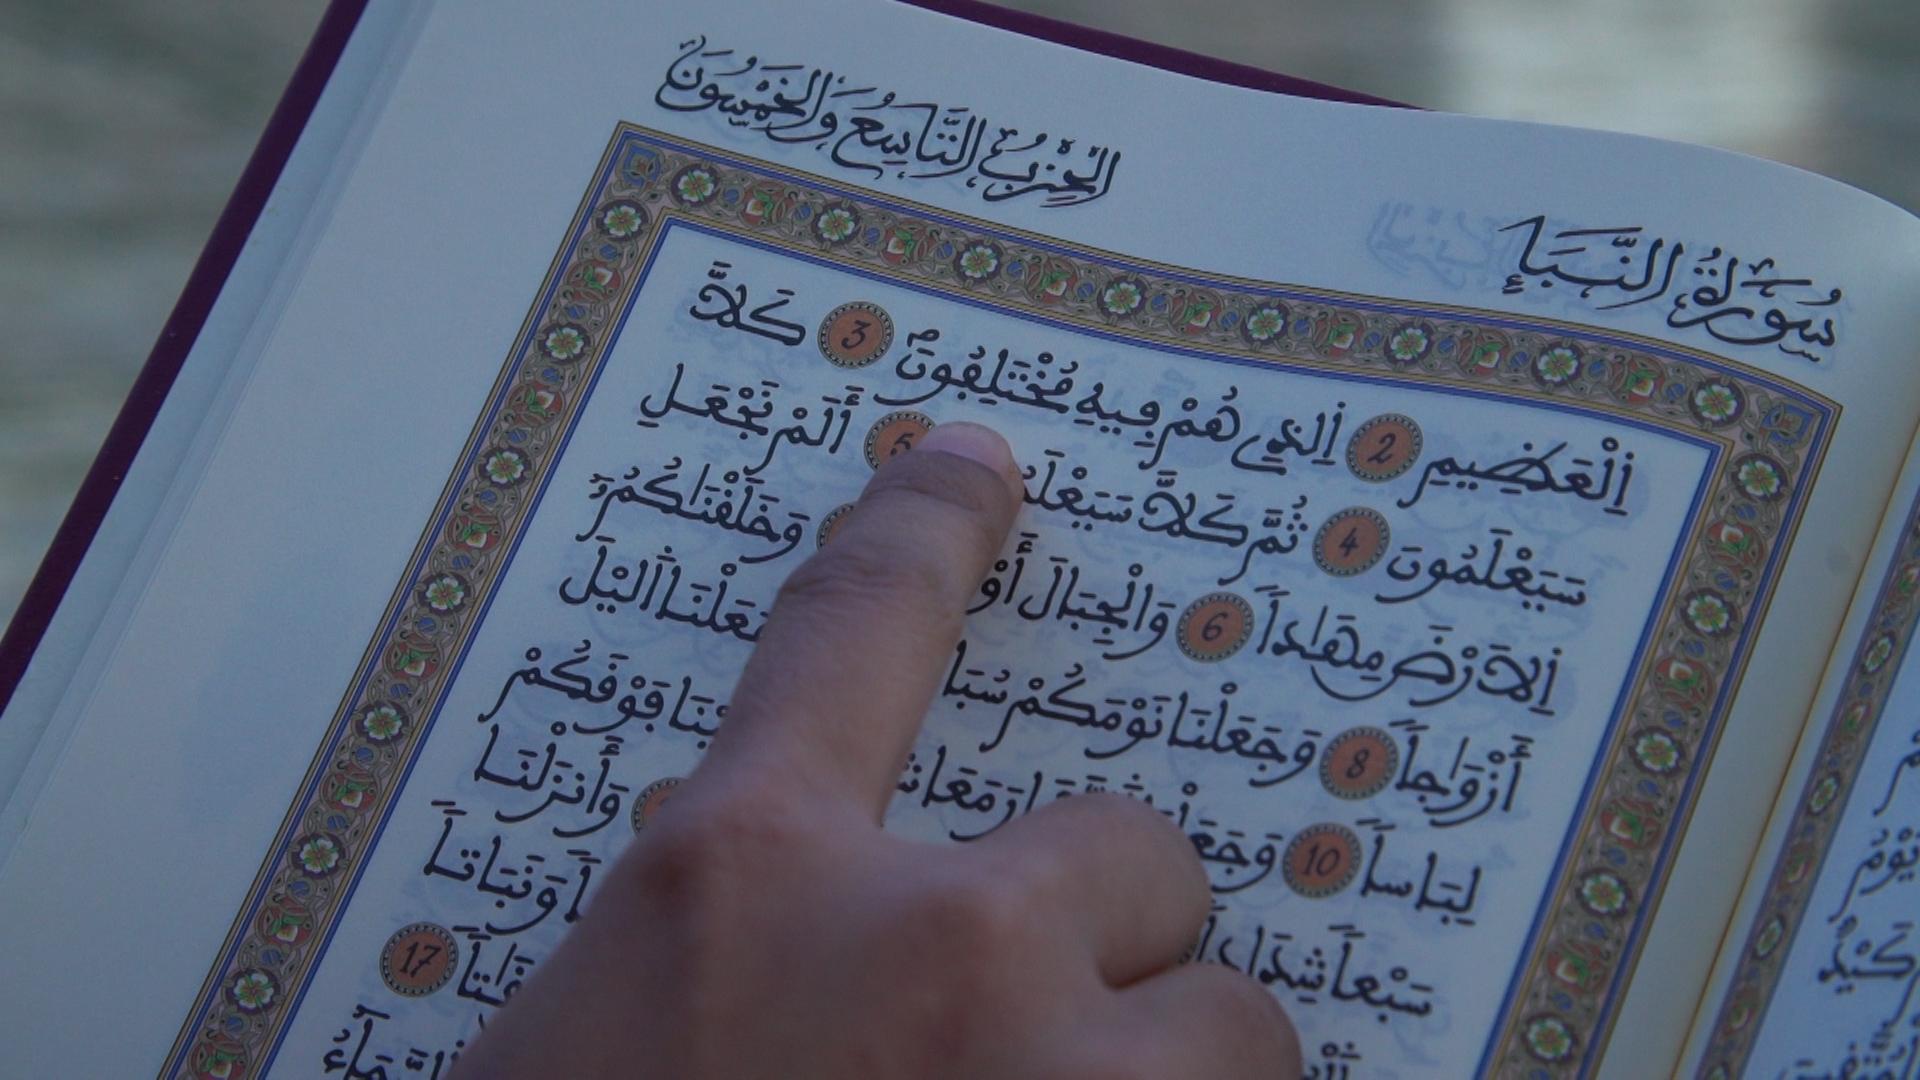 Khat maghribi, gaya penulisan Alquran di Maroko di masa kini. Photo: Irfan Padli/TRANS7